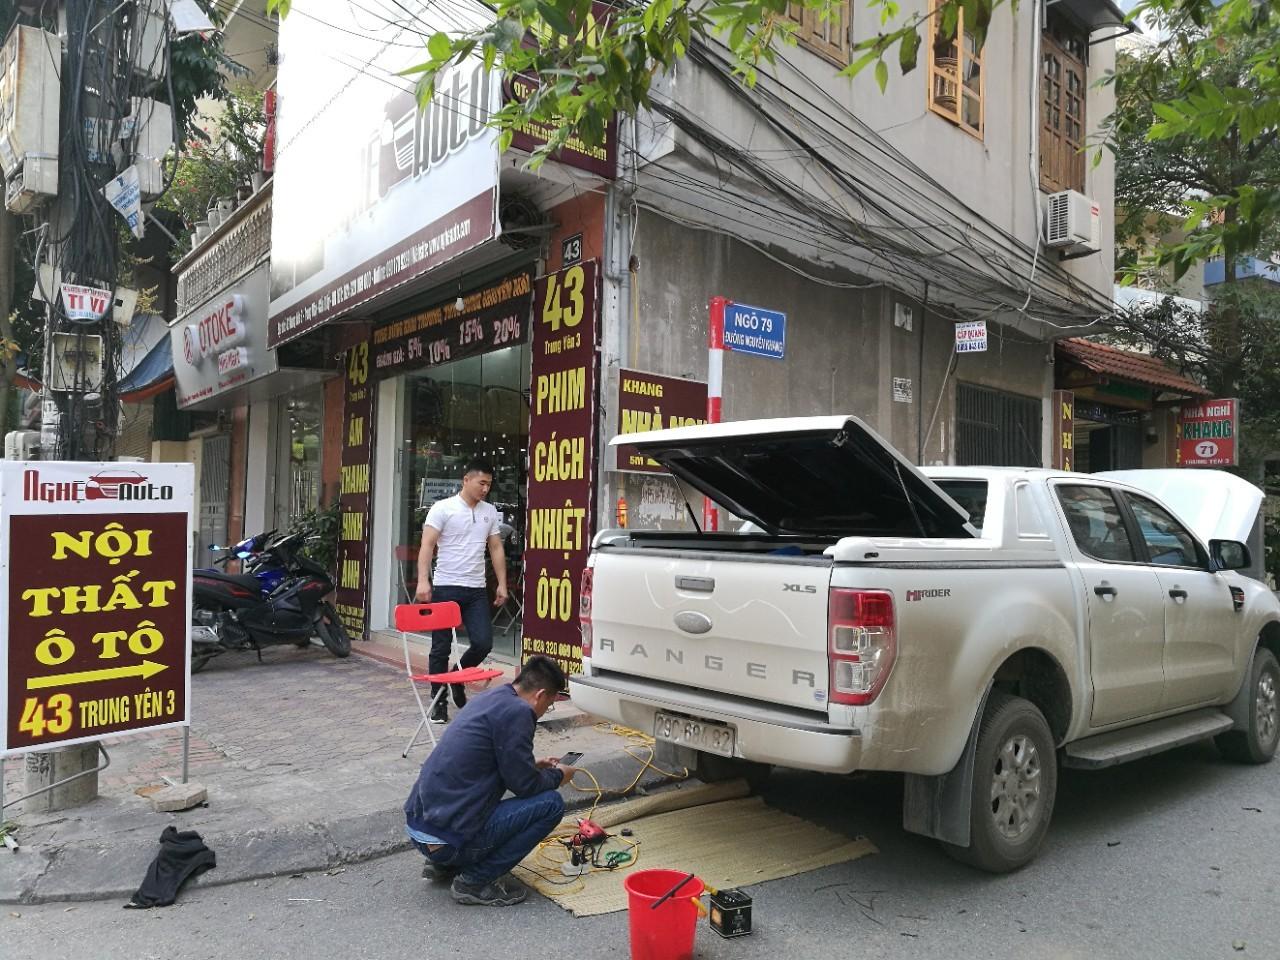 Nghệ Auto Đại Lý phân phối camera hành trình thông minh 4G Procam chính thức tại Hà Nội và các vùng lân cận